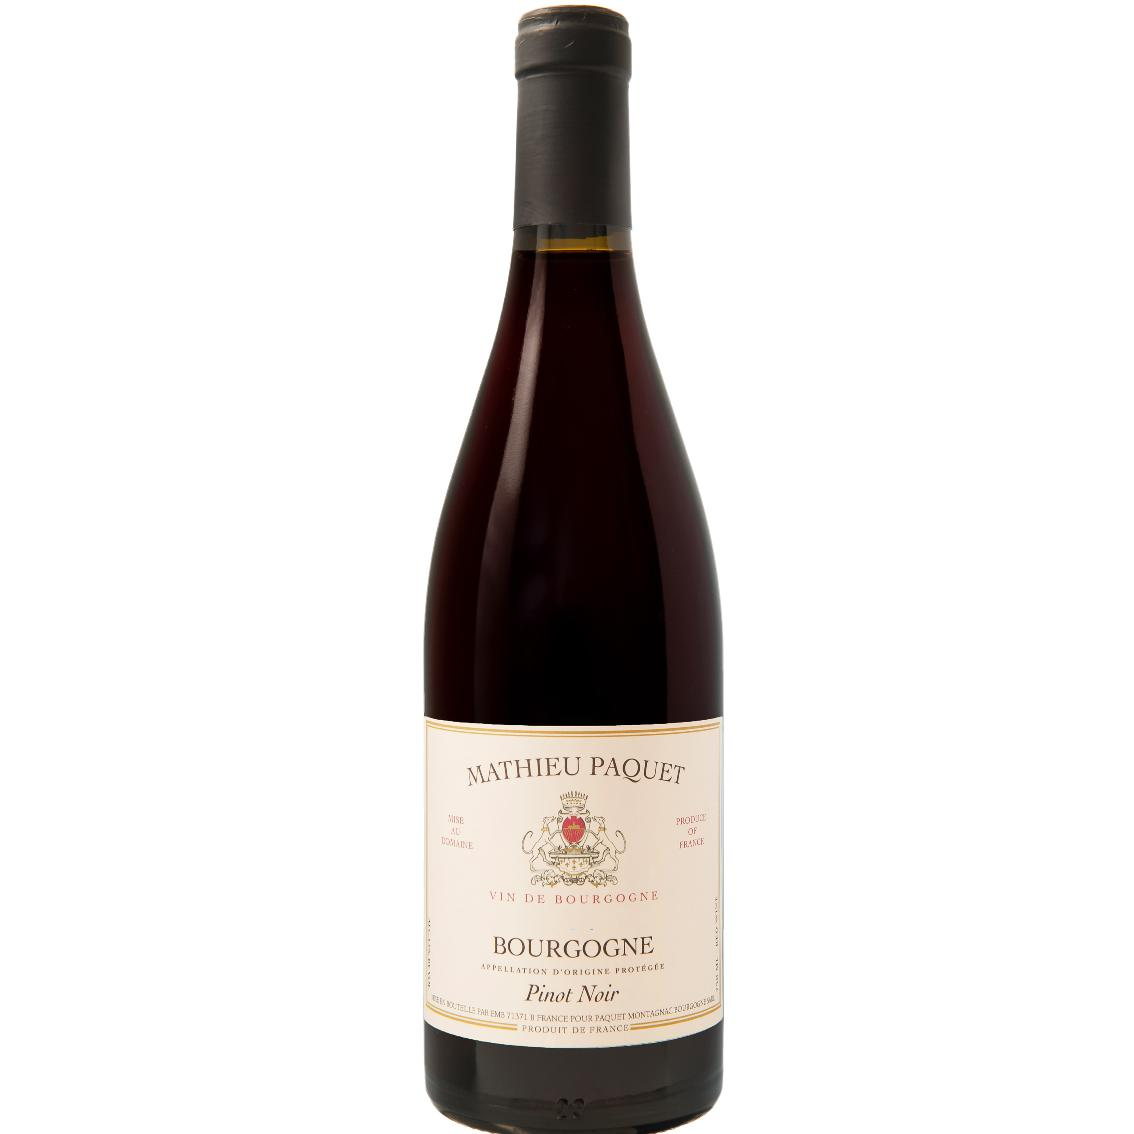 2018 Bourgogne Pinot Noir - Mathieu Paquet